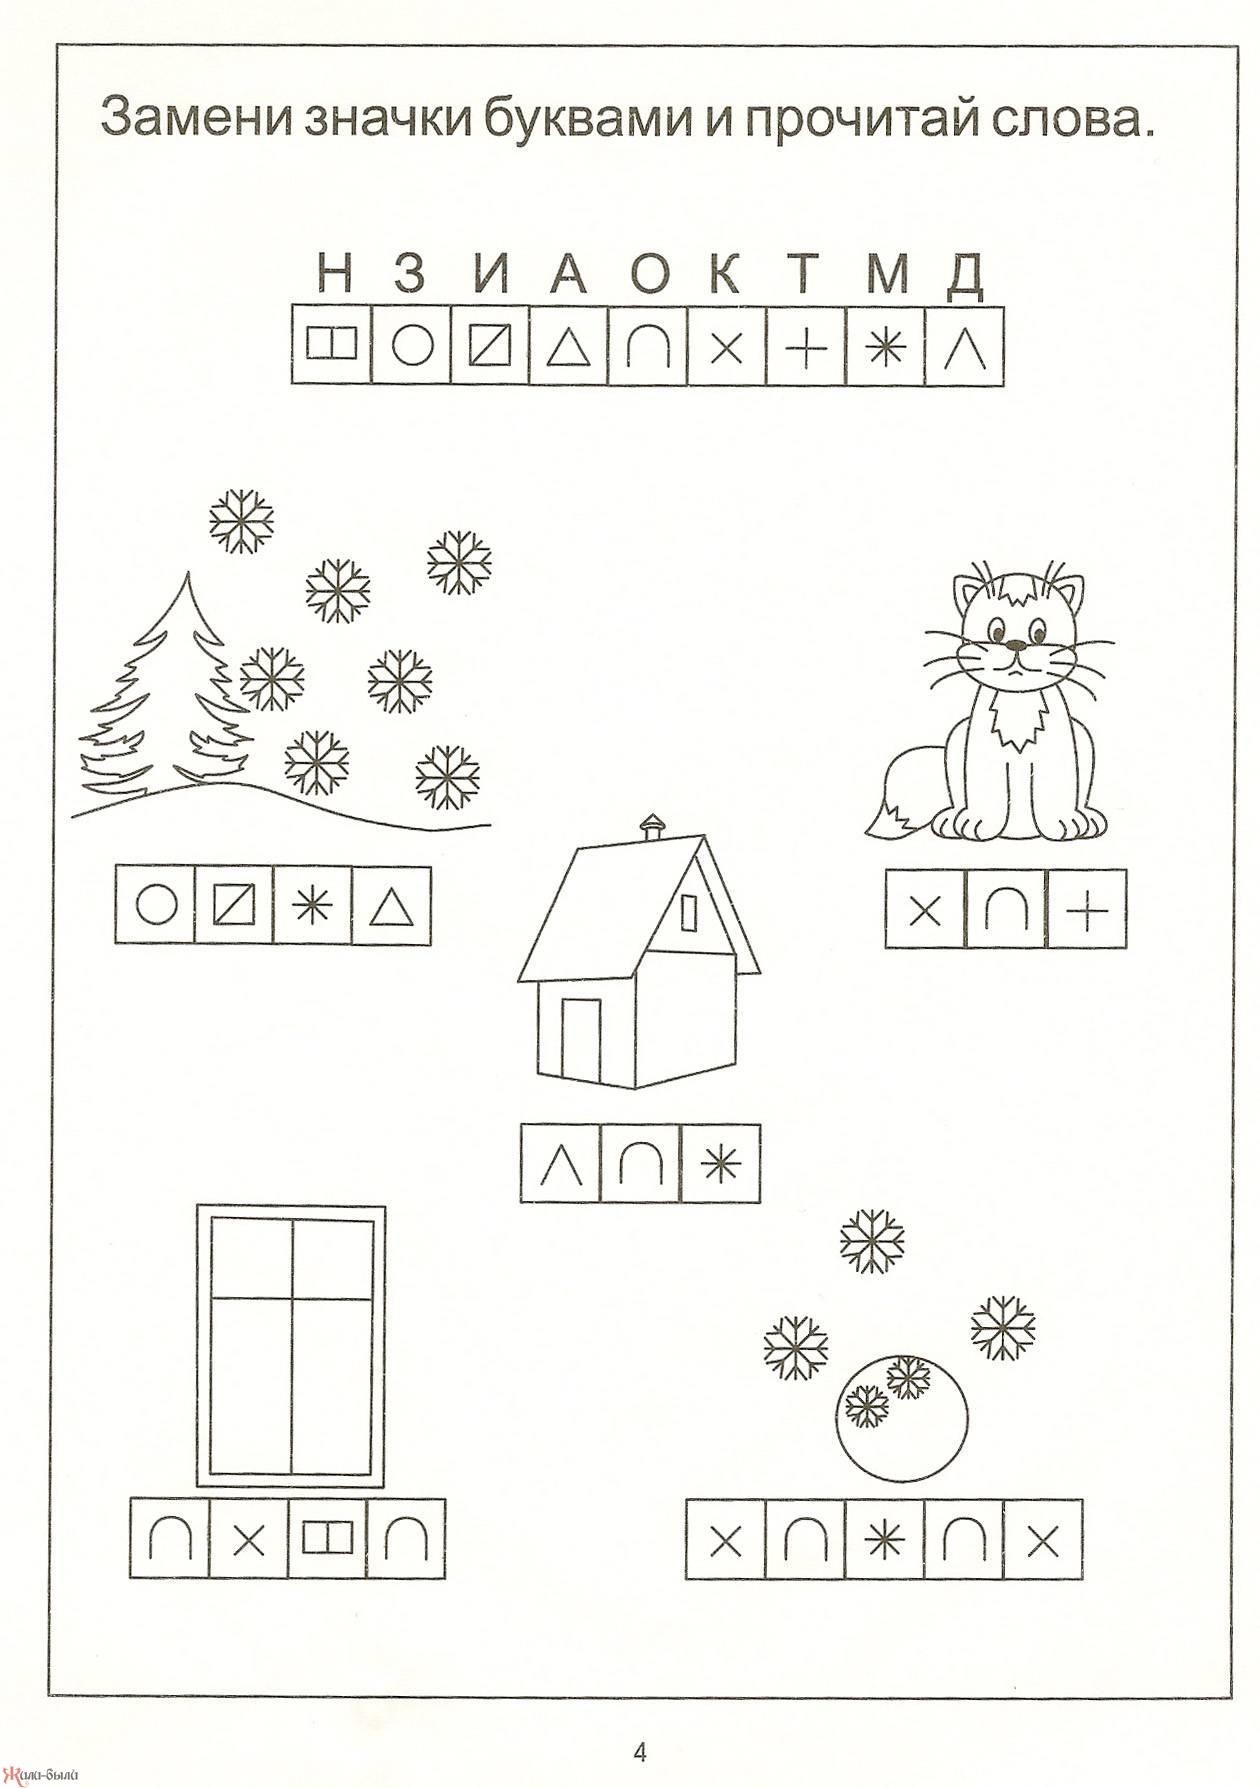 математические логические задания в картинках забудь подписаться